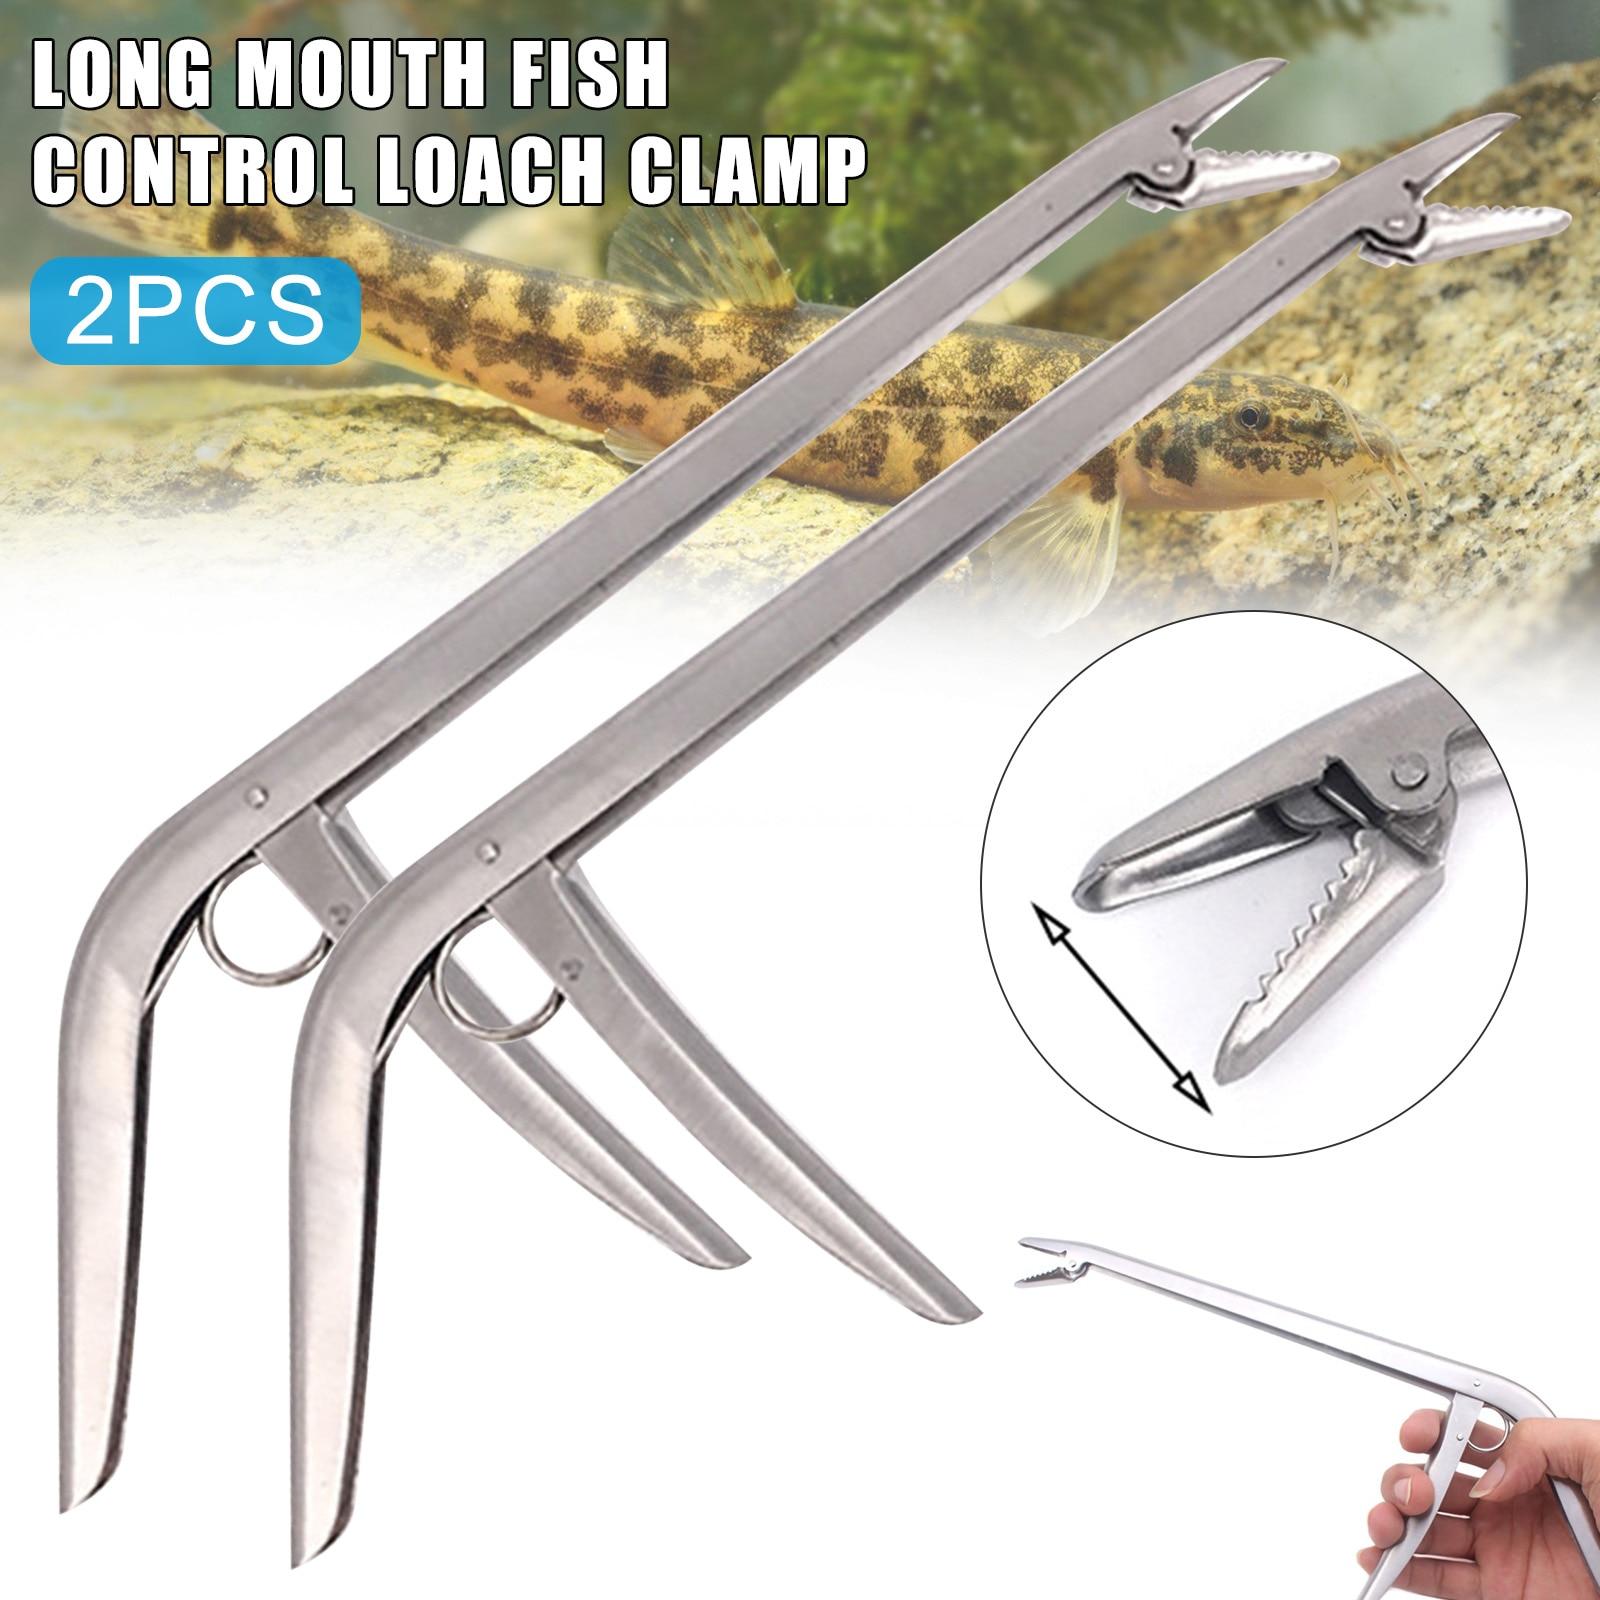 Gran oferta 2 uds gancho de pesca de acero inoxidable removedor Dispositivo de desenganche pinza de pesca pinza de extracción alicate herramienta de pesca desacoplamiento